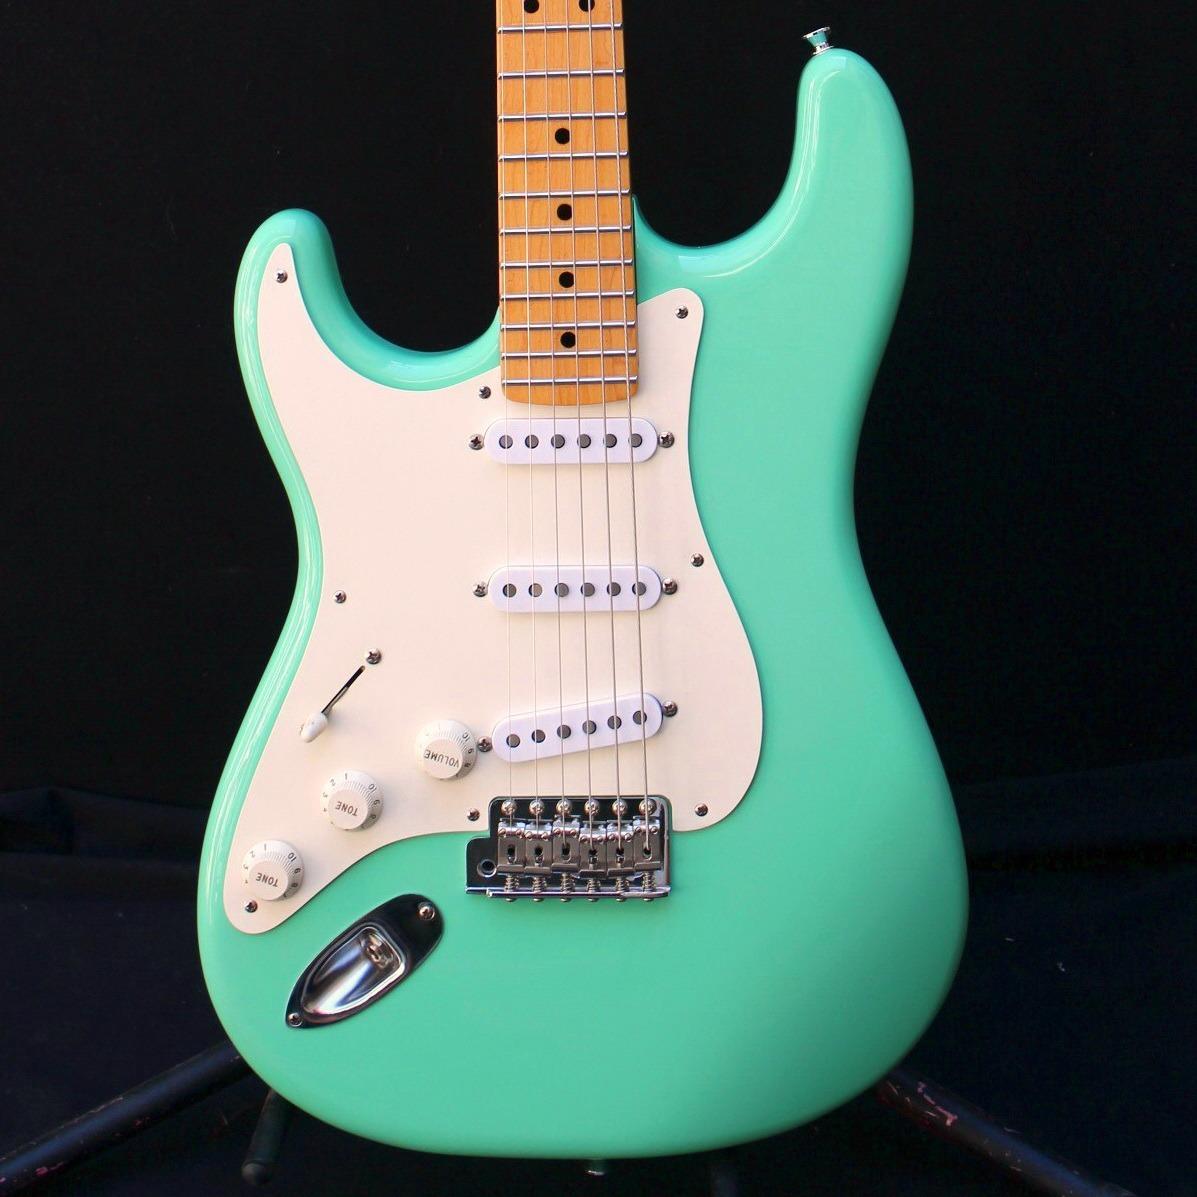 Guitarra Zurda Warmoth Fender Stratocaster 57 Usa Surf Green - $ 96 000,00